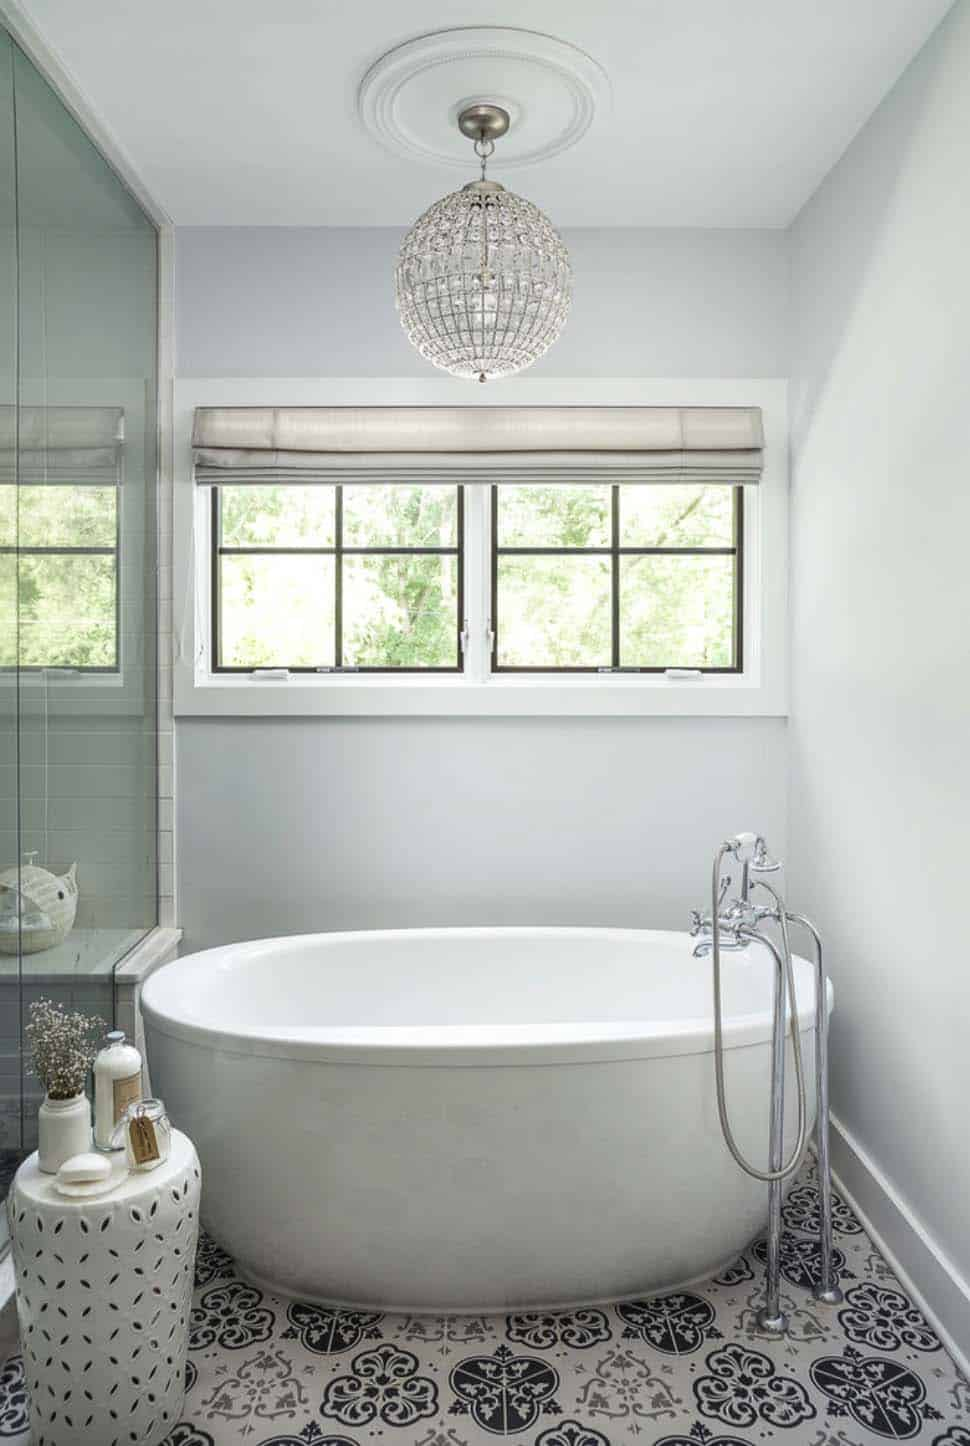 magnifique-ferme-moderne-baignoire-baignoire